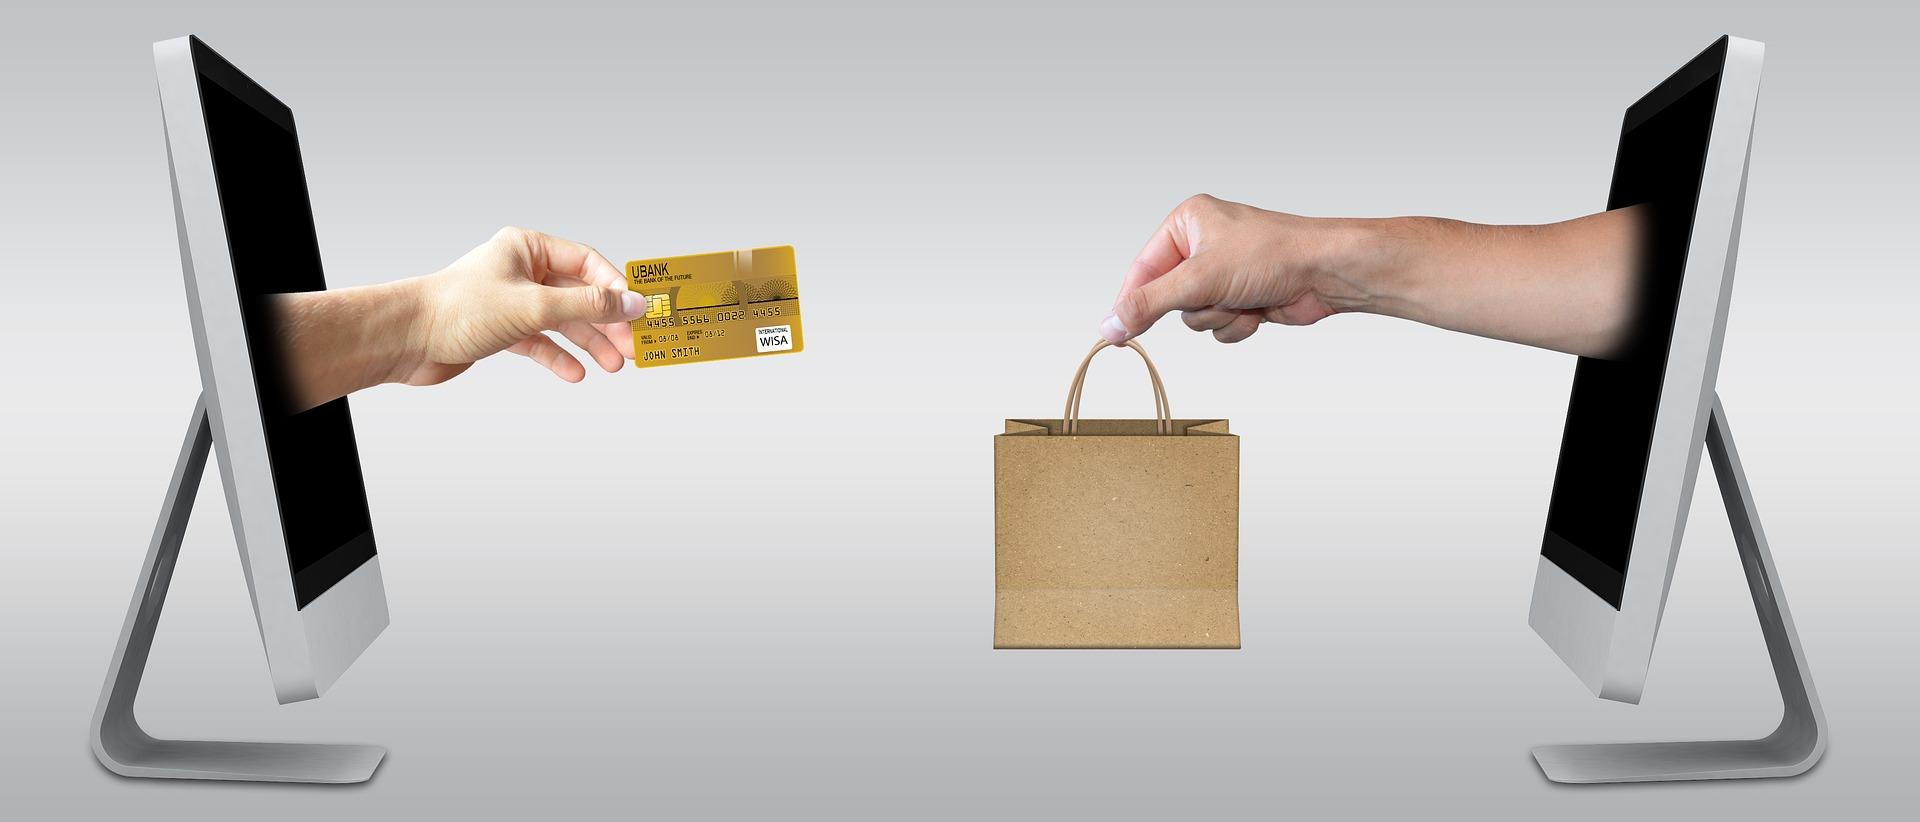 Vender más con neuromarketing y merchandising en la tienda